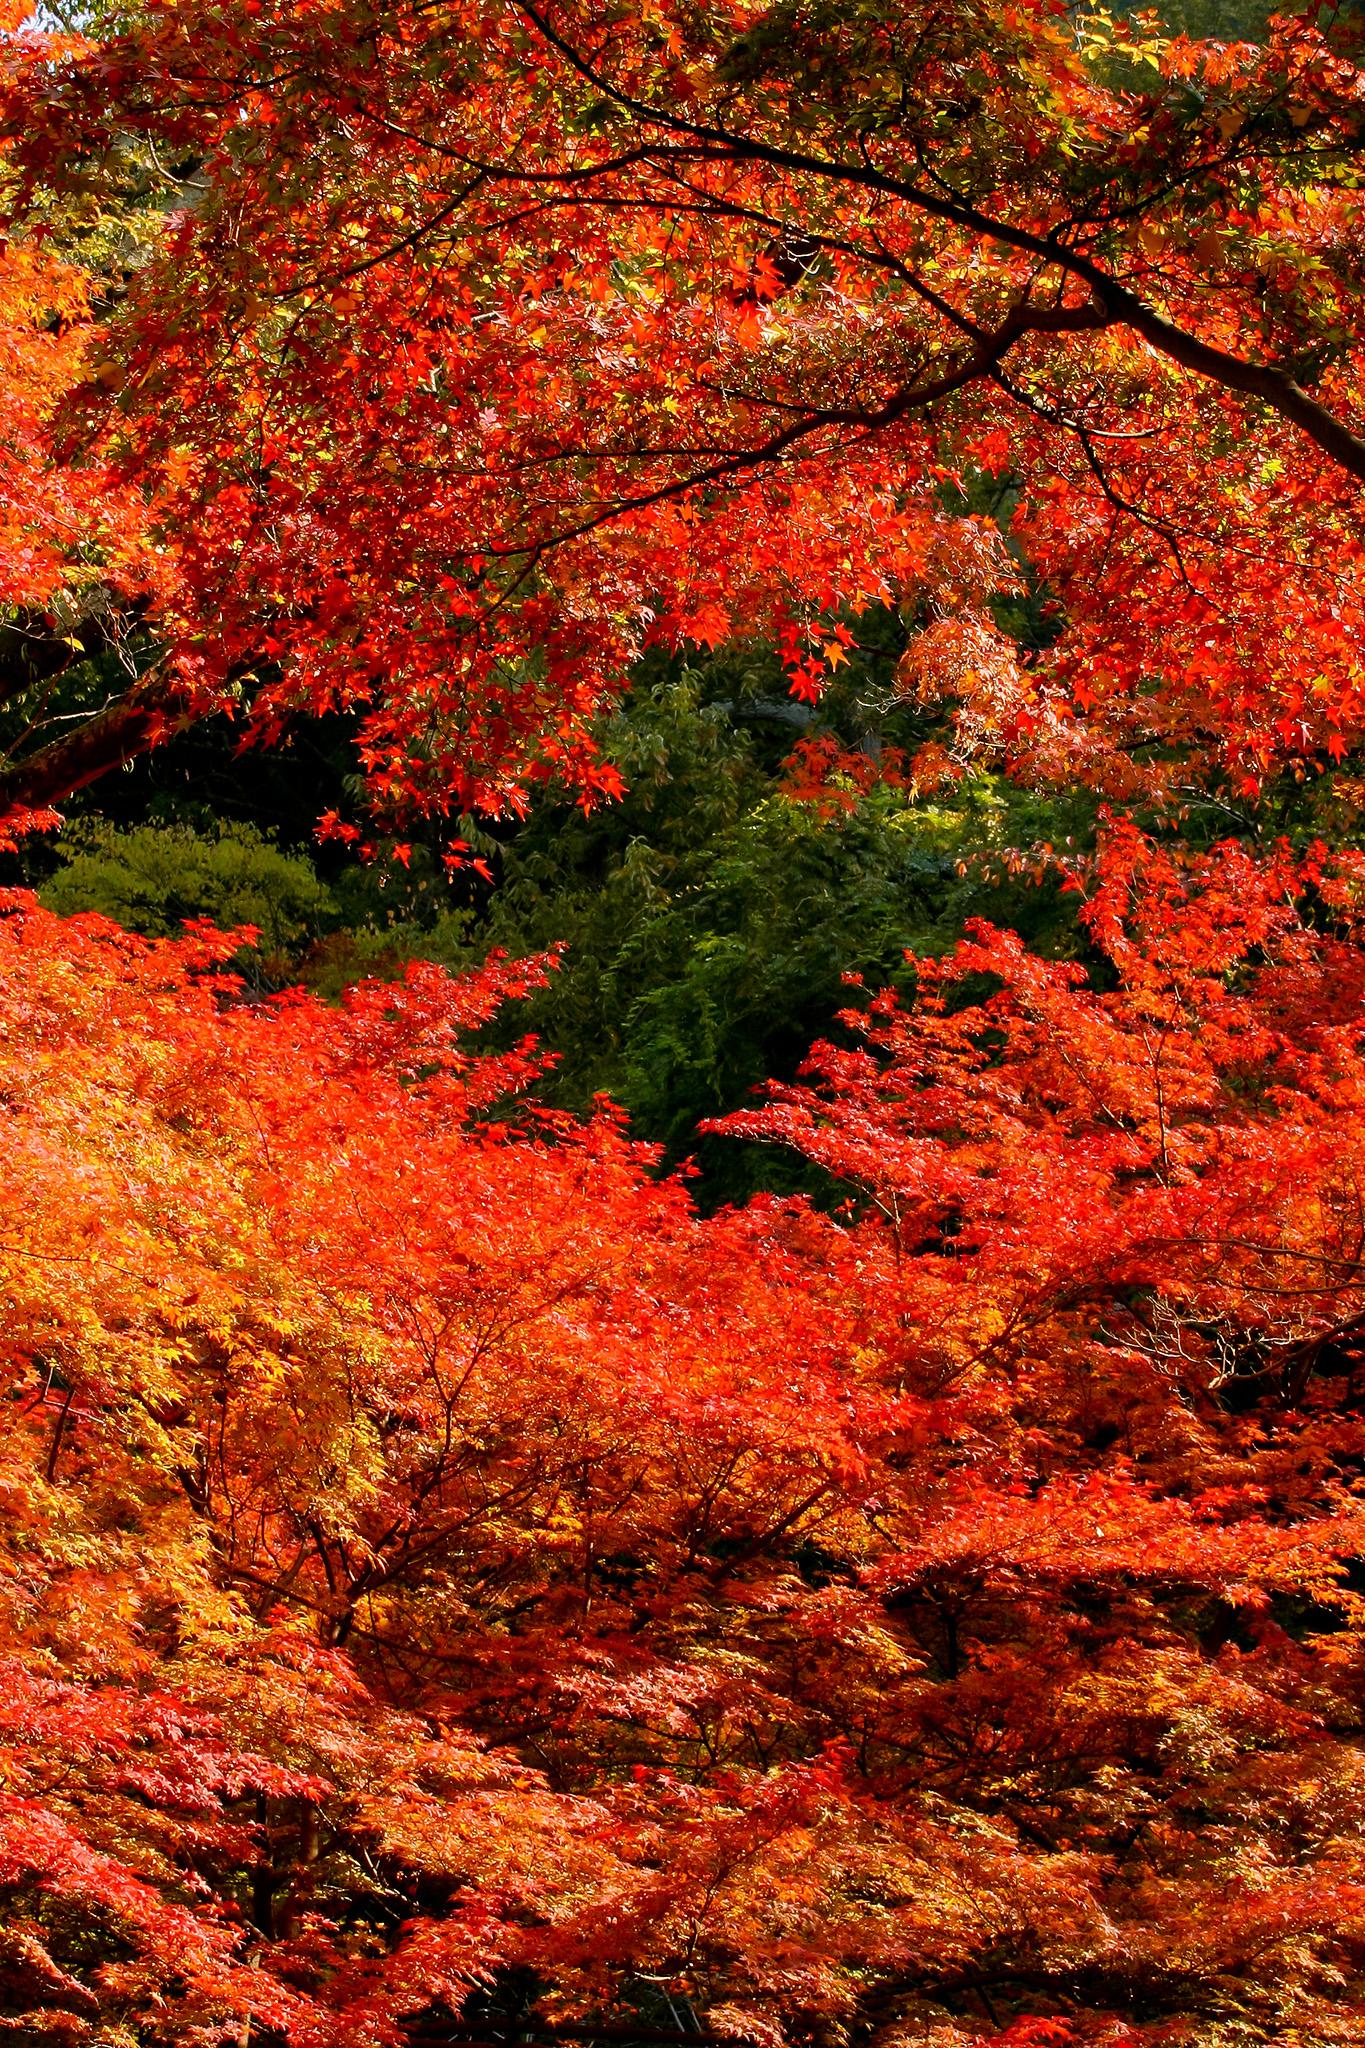 「燃えるような錦秋の森」